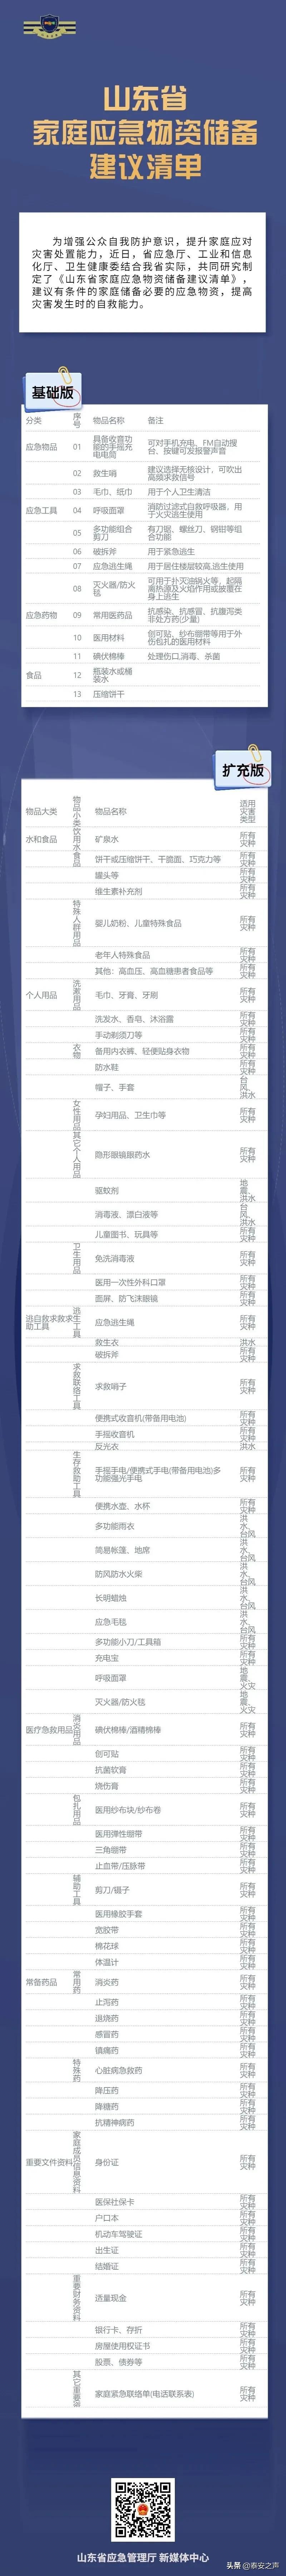 山东省发布家庭应急物资储备建议清单,这些应急物资,请储备!(附明细)